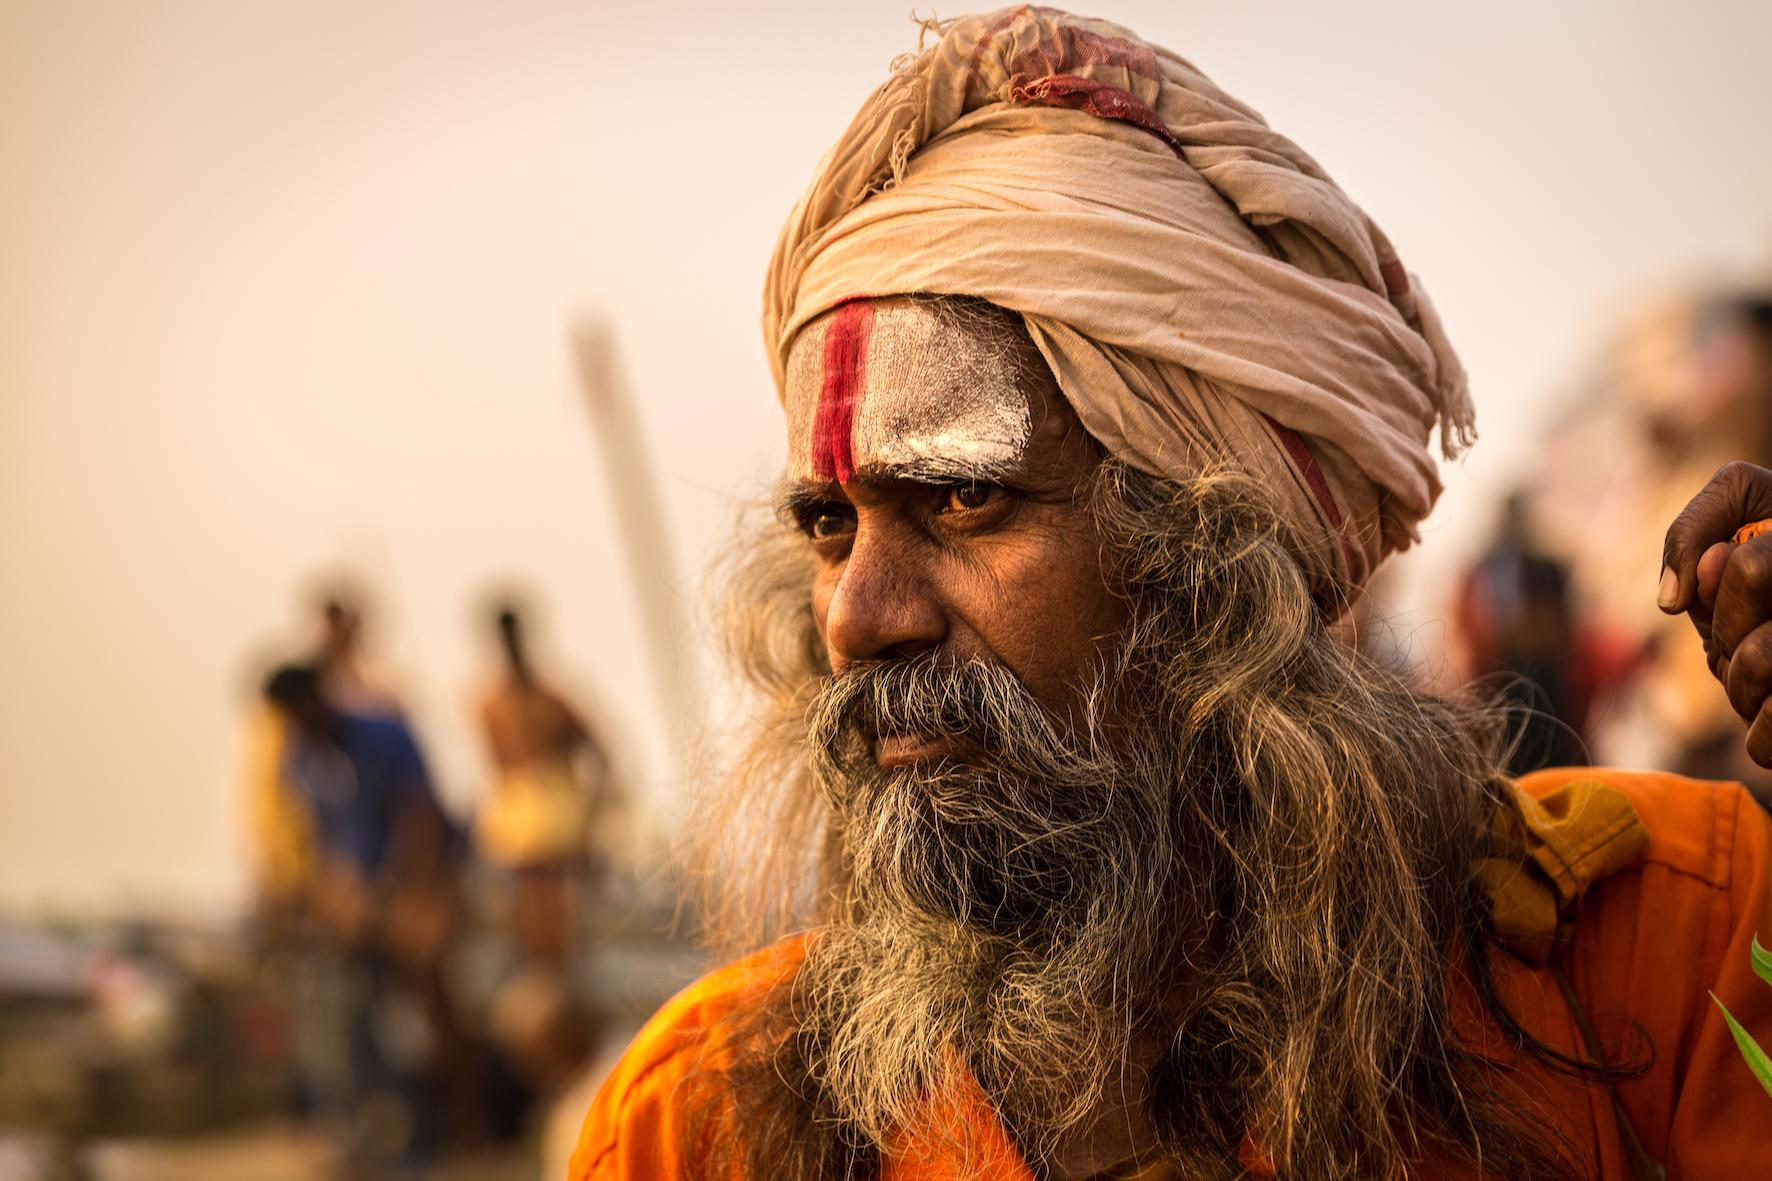 L'immense pèlerinage Kumbh Mela a débuté en Inde, à Allahabad